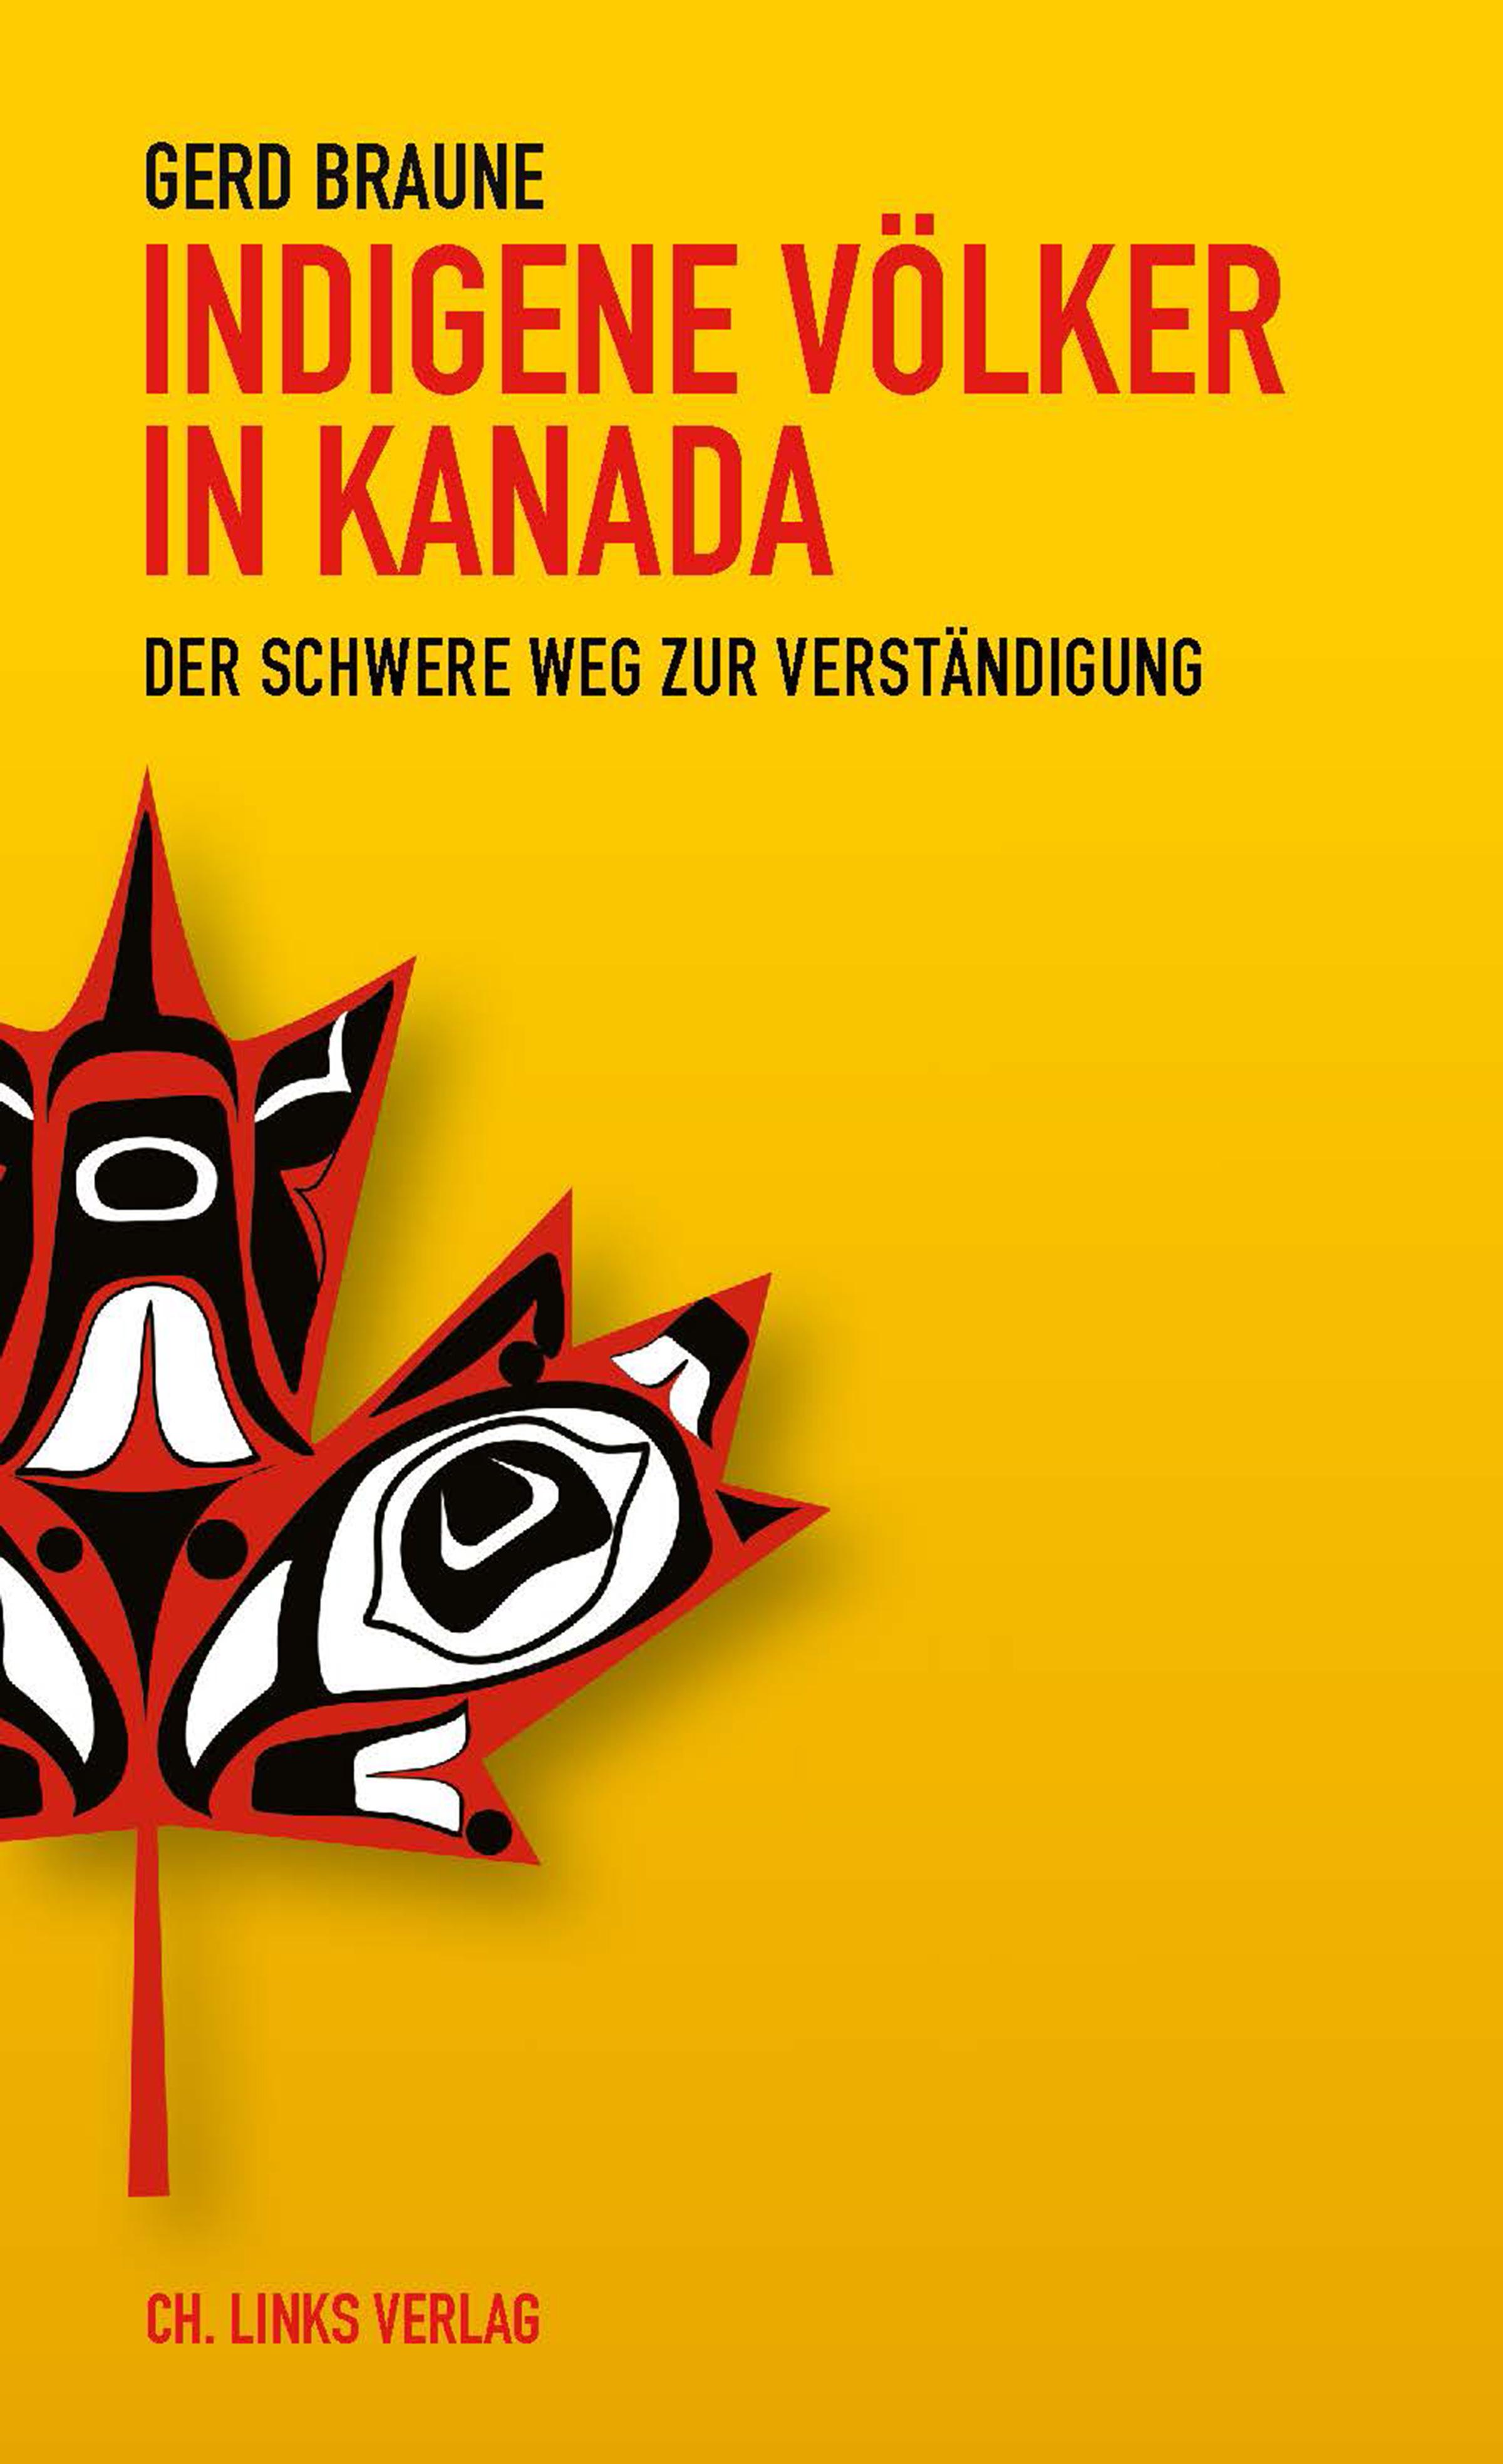 Buch Indigene Voelker in Kanada